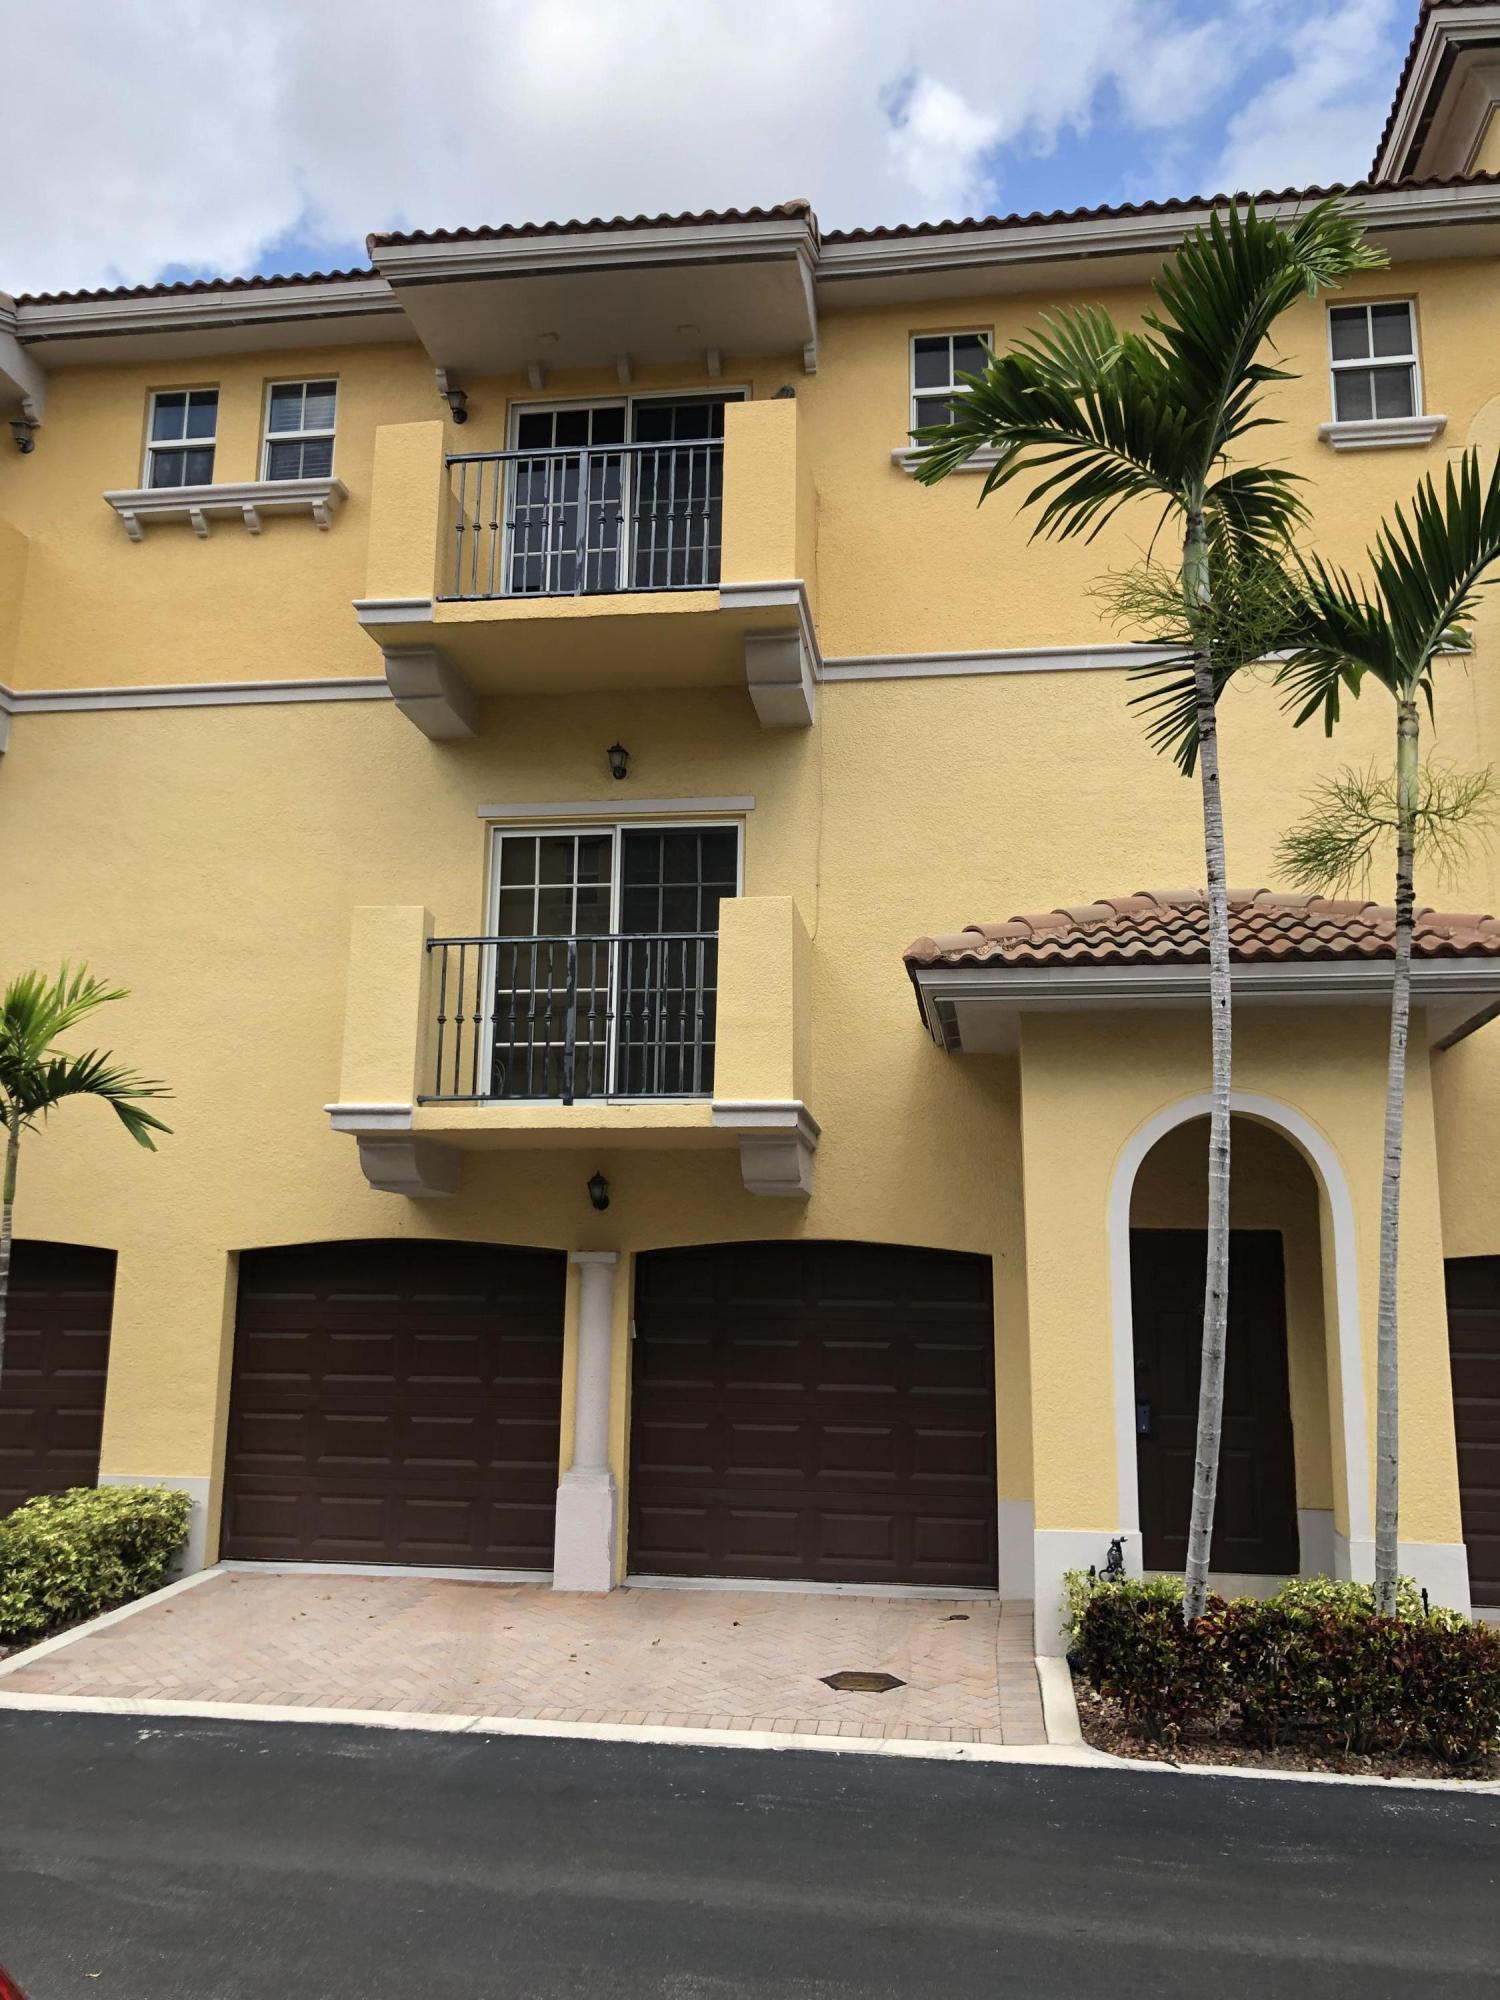 2520 SW 14th Avenue 806 Fort Lauderdale, FL 33315 Fort Lauderdale FL 33315